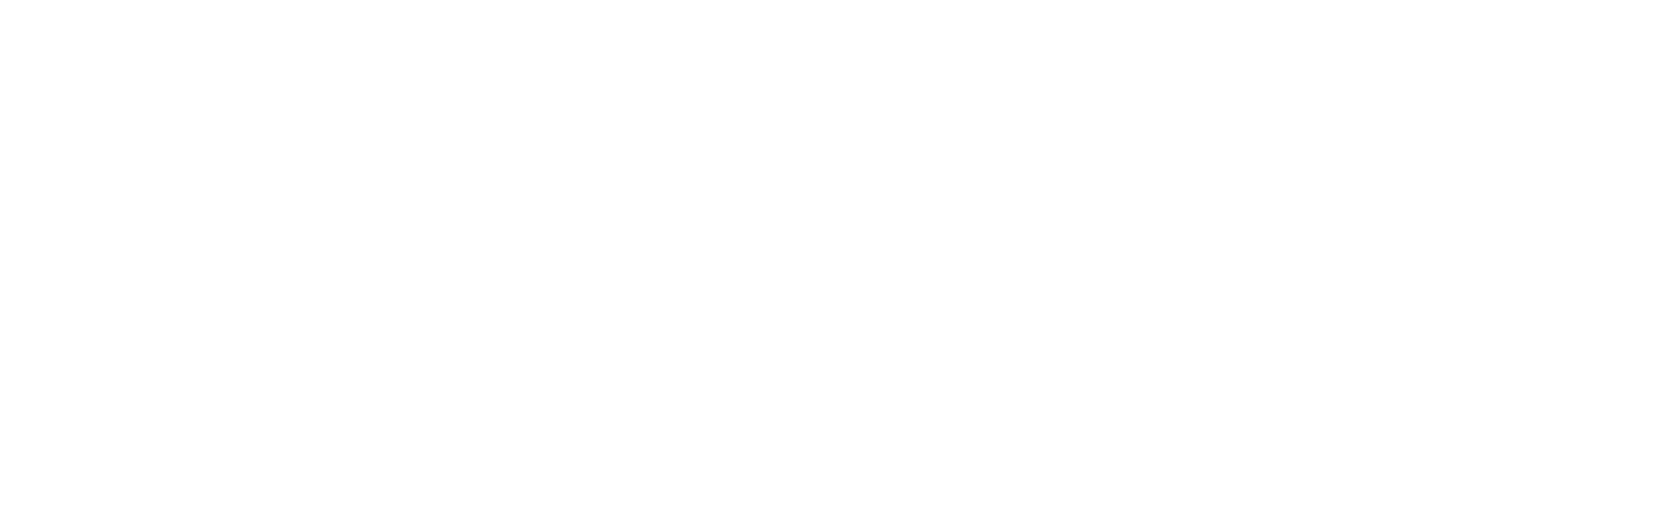 Grégory BATLLE